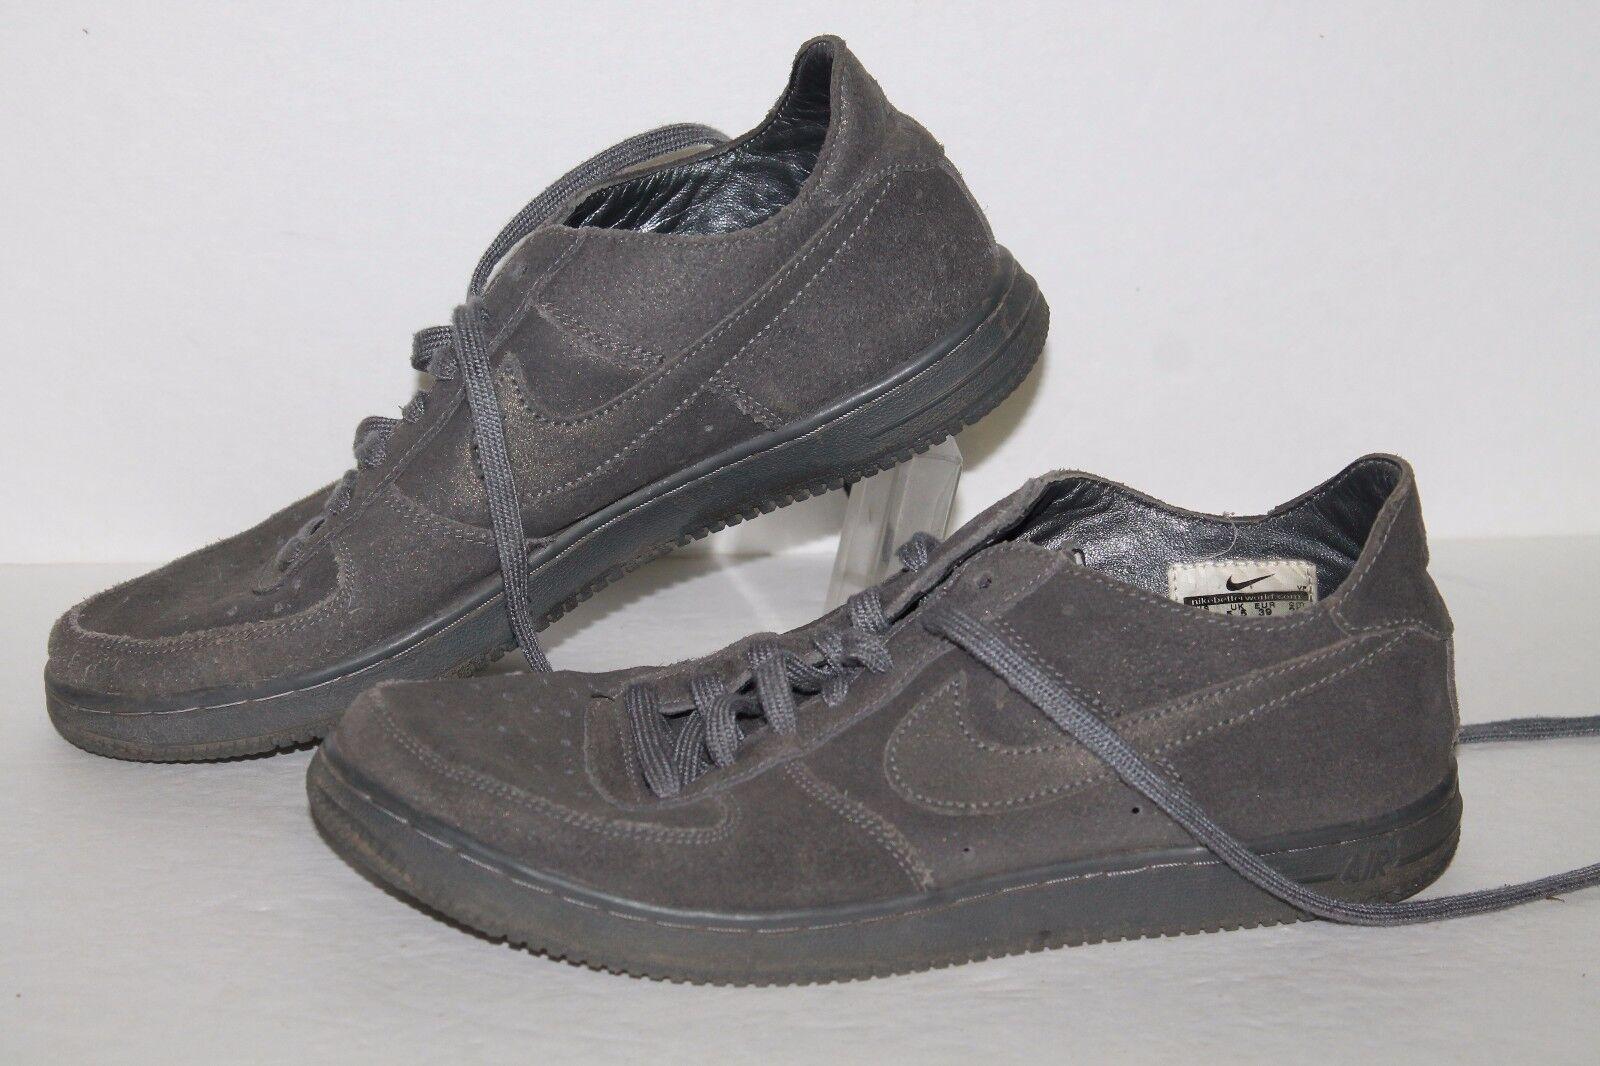 nike air force 1 poca luce casual, casual, casual, scarpe da ginnastica, grey, il cuoio, le donne 8   A Primo Posto Tra Prodotti Simili    Uomo/Donne Scarpa  c4061e